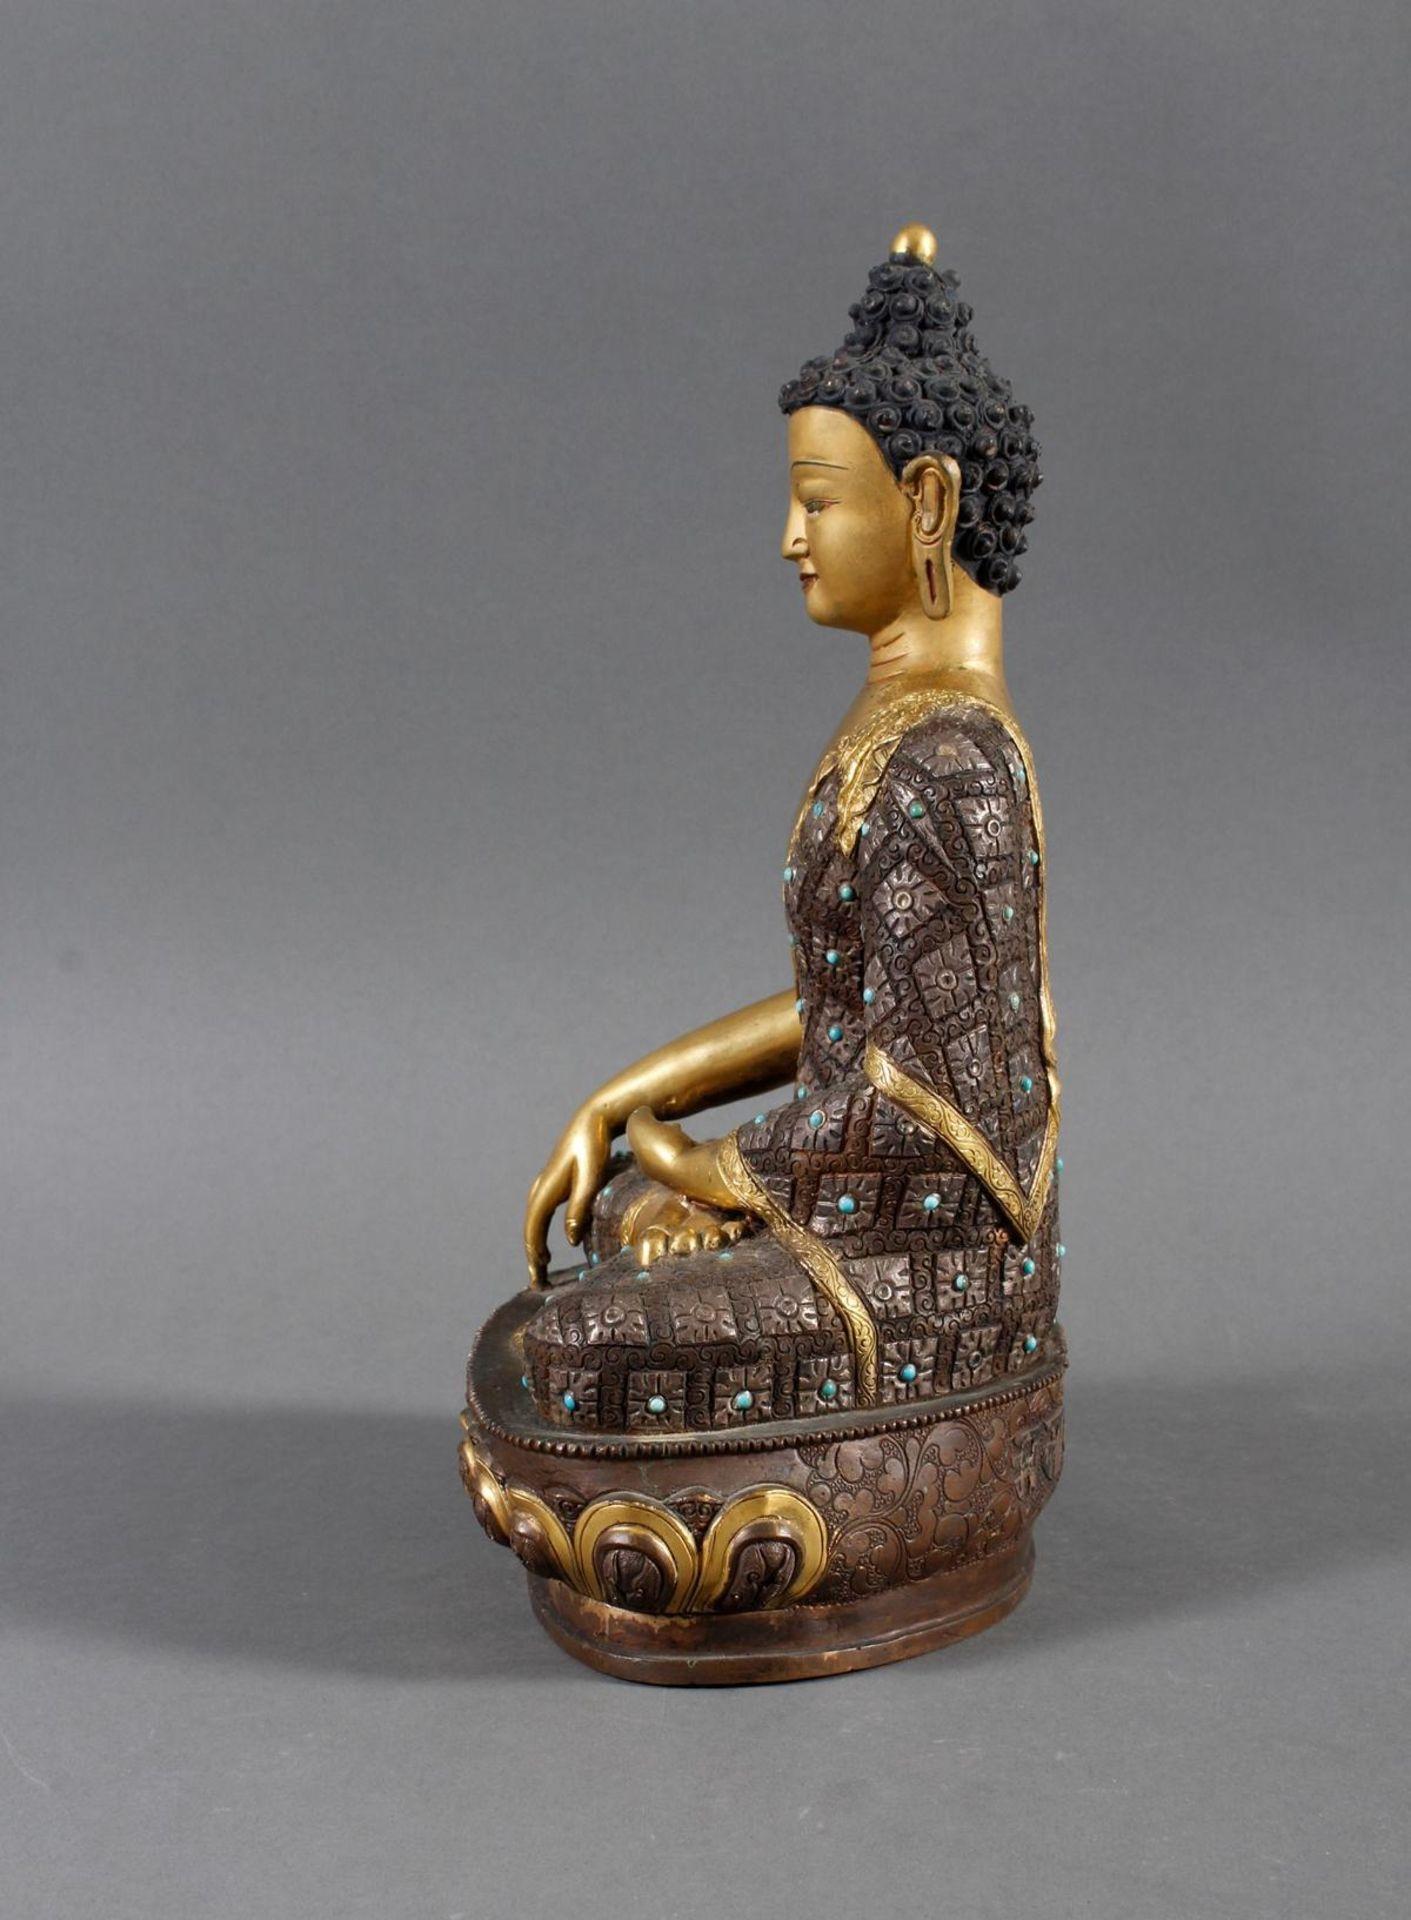 Bronze des Buddha Shakyamuni in der Erdberührungsgeste auf Lotospodest - Bild 4 aus 10